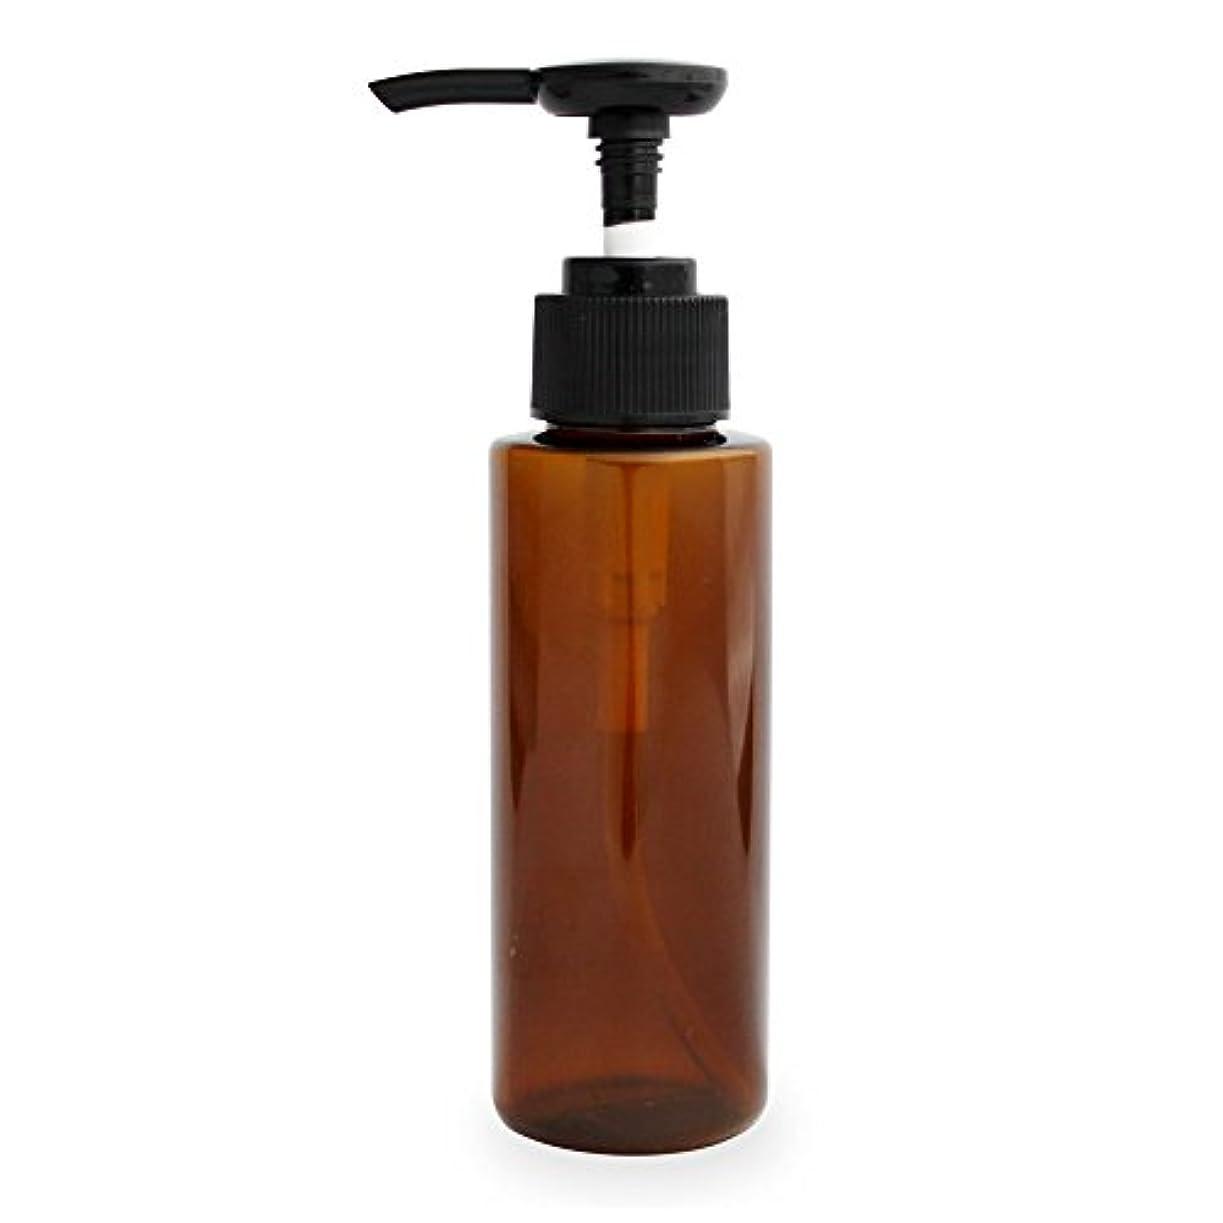 むしゃむしゃ人道的メールポンプボトル100ml(ブラウン)(プラスチック容器 オイル用空瓶 プラスチック製-PET 空ボトル プッシュポンプ)